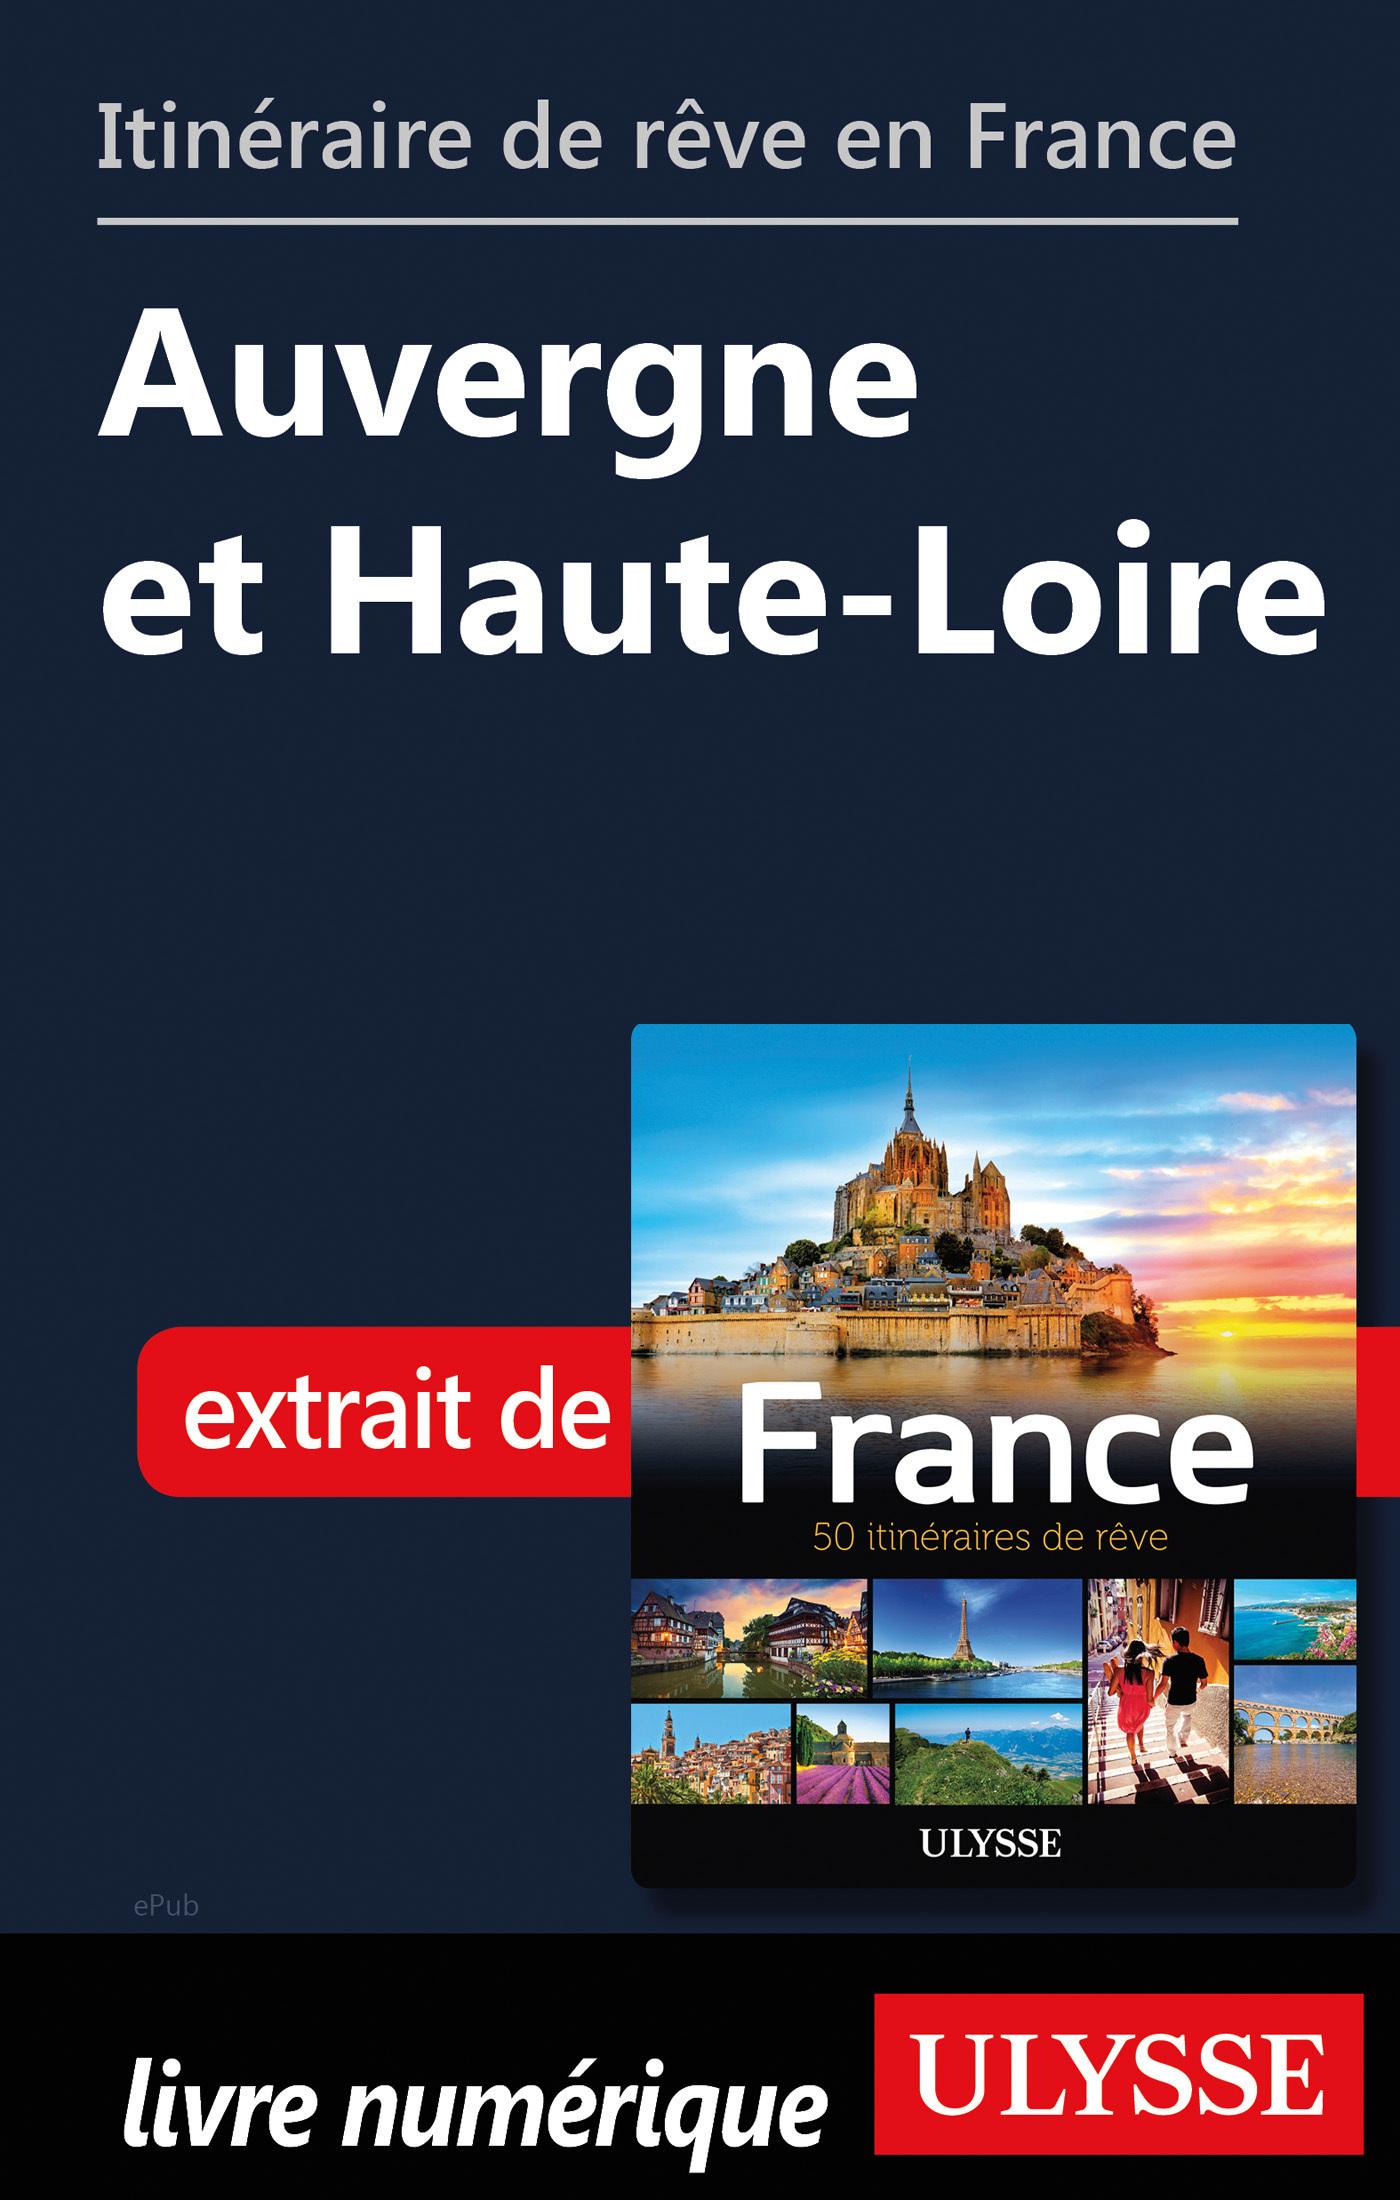 Itinéraire de rêve en France - Auvergne et Haute-Loire